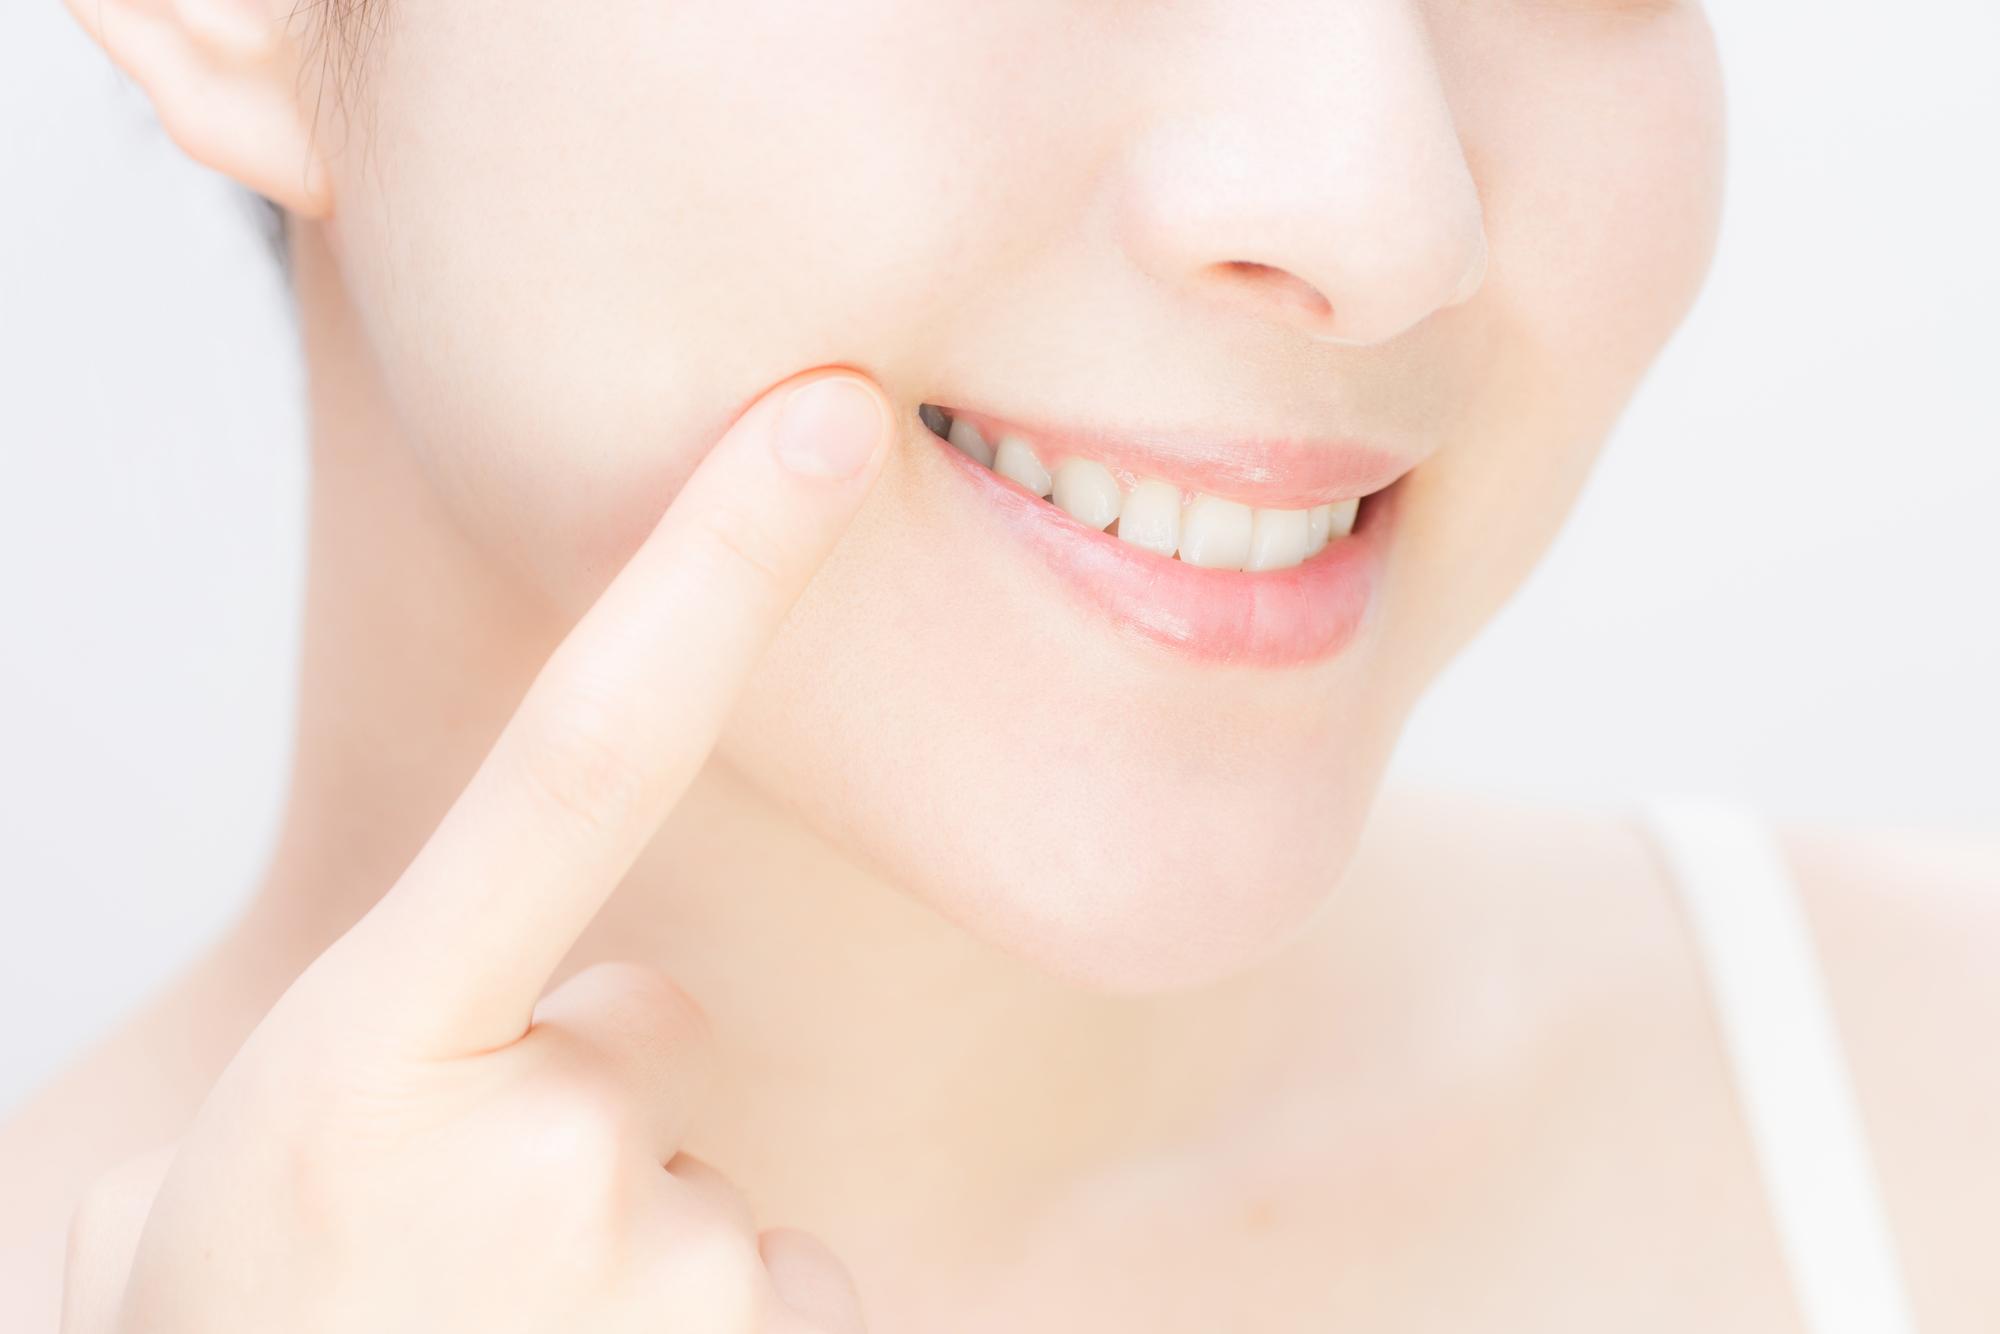 矯正治療の相談ページ 歯医者さんがアドバイス!